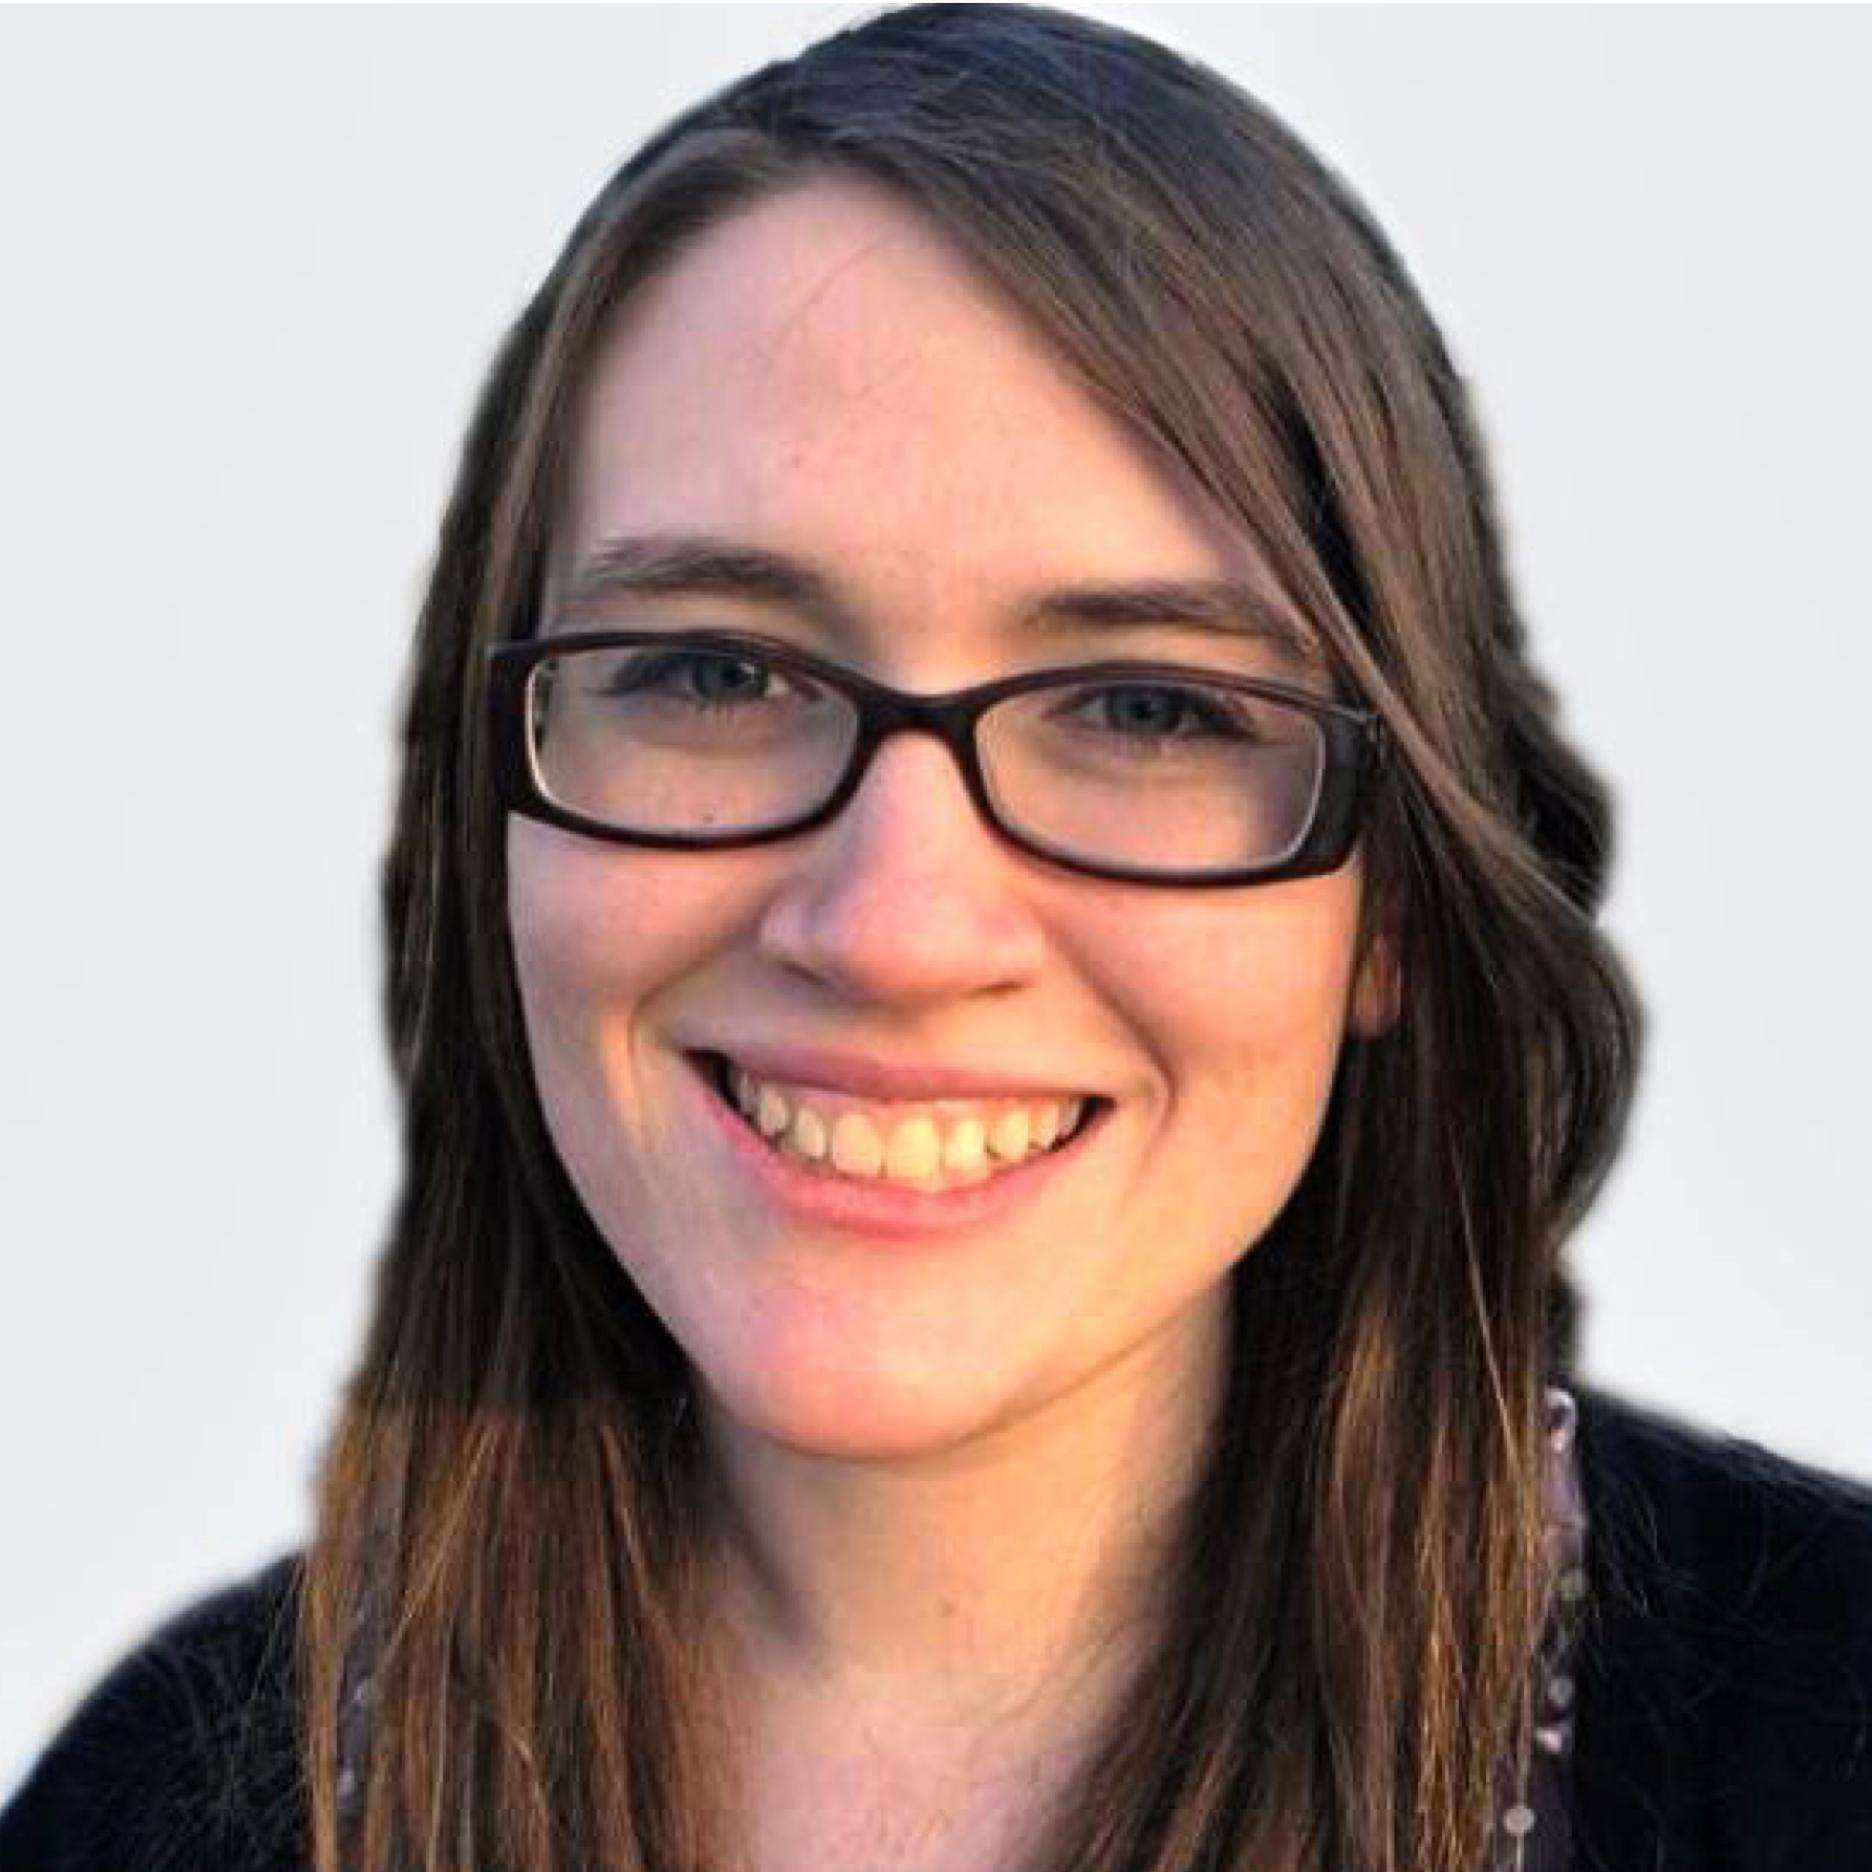 Photo of Natasha Brewer